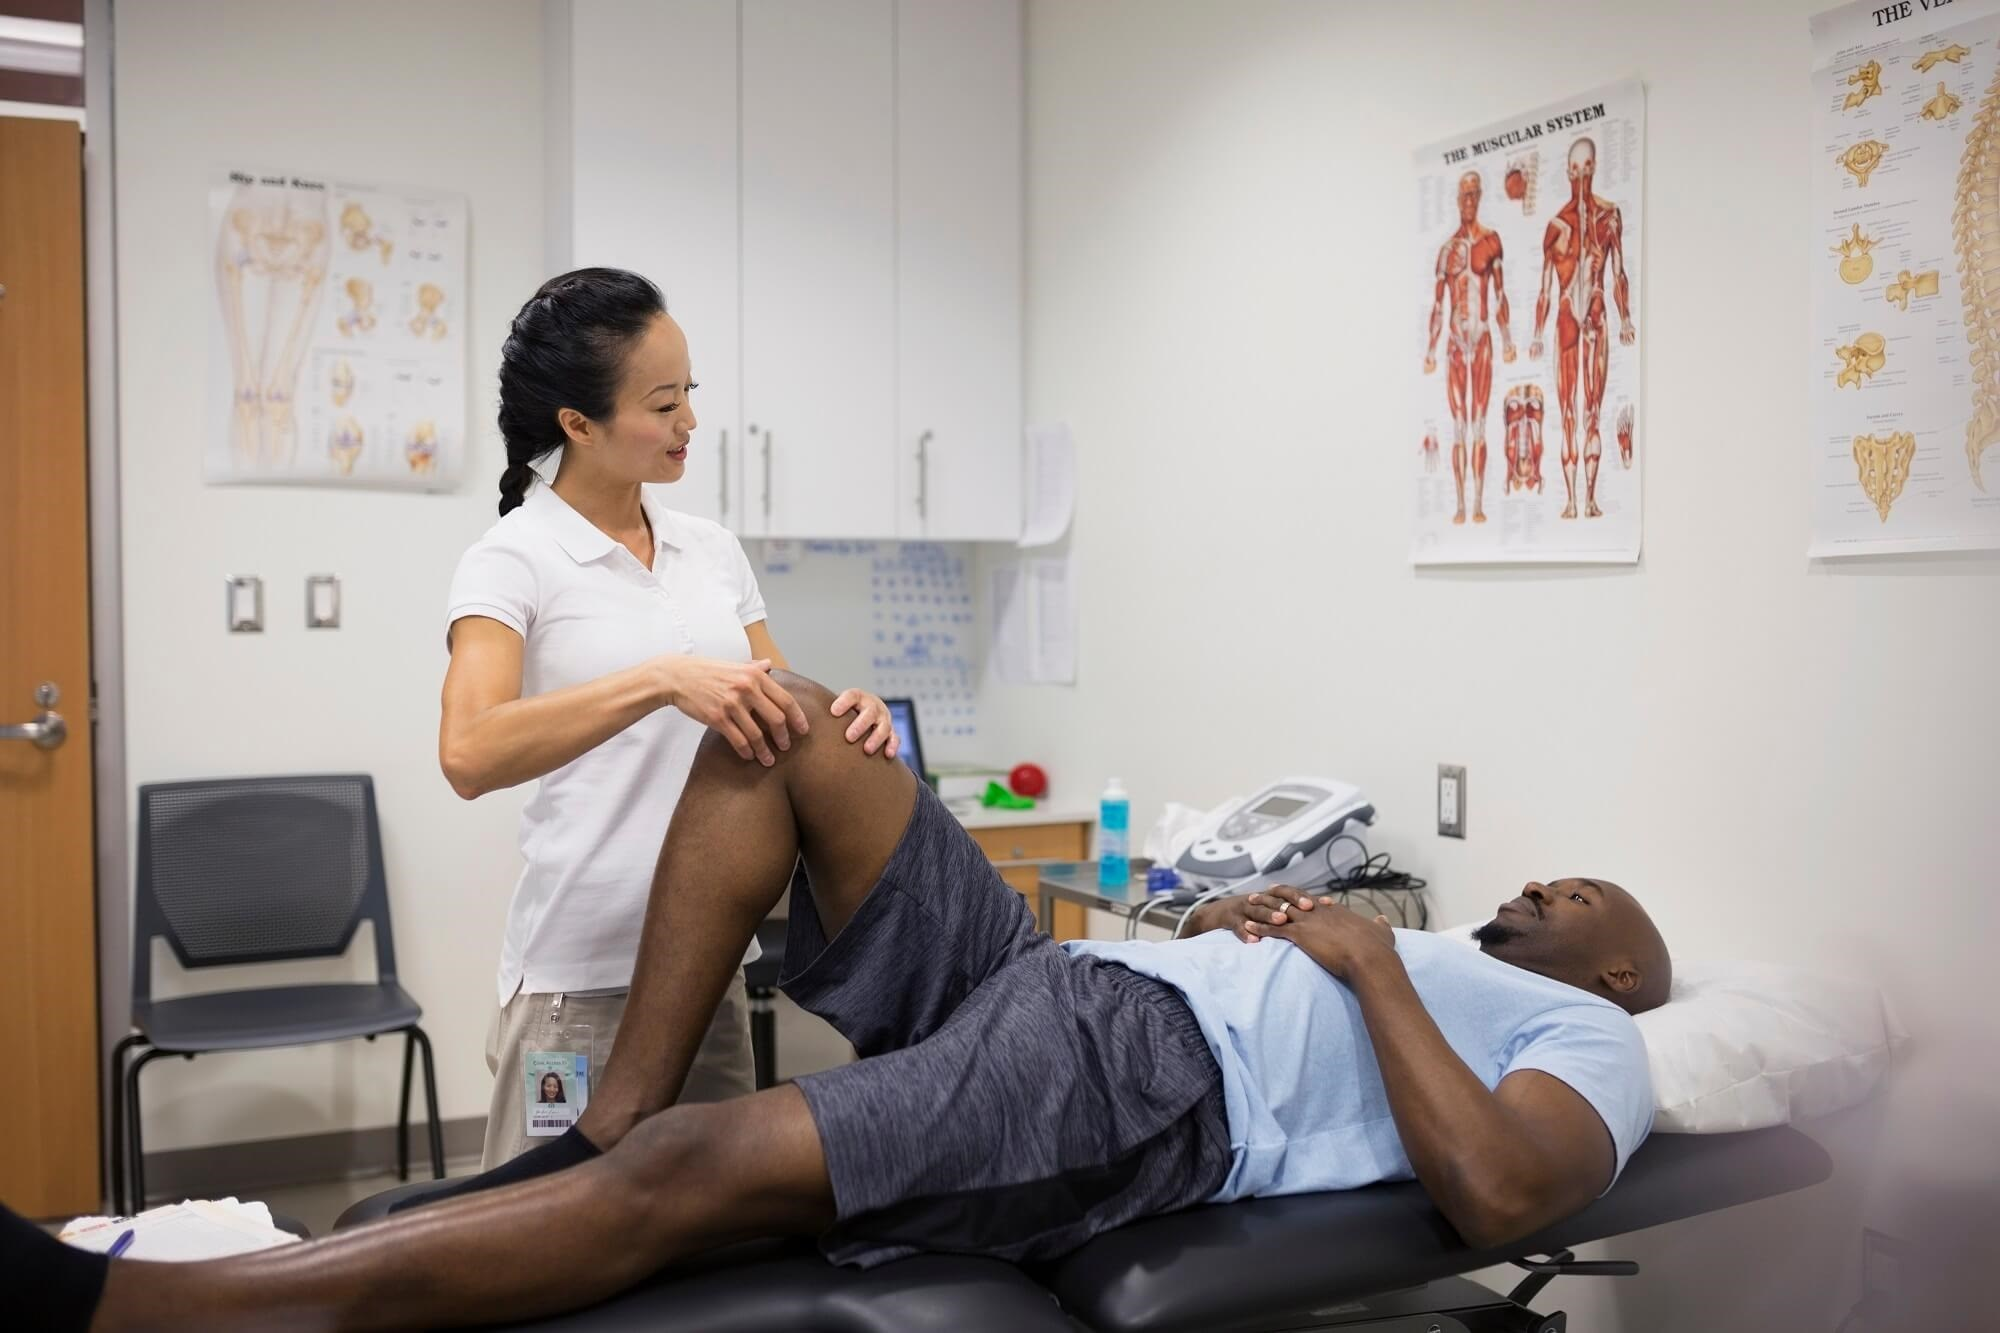 Massage Offers Short-Term Relief of Knee Pain in Arthritis Patients